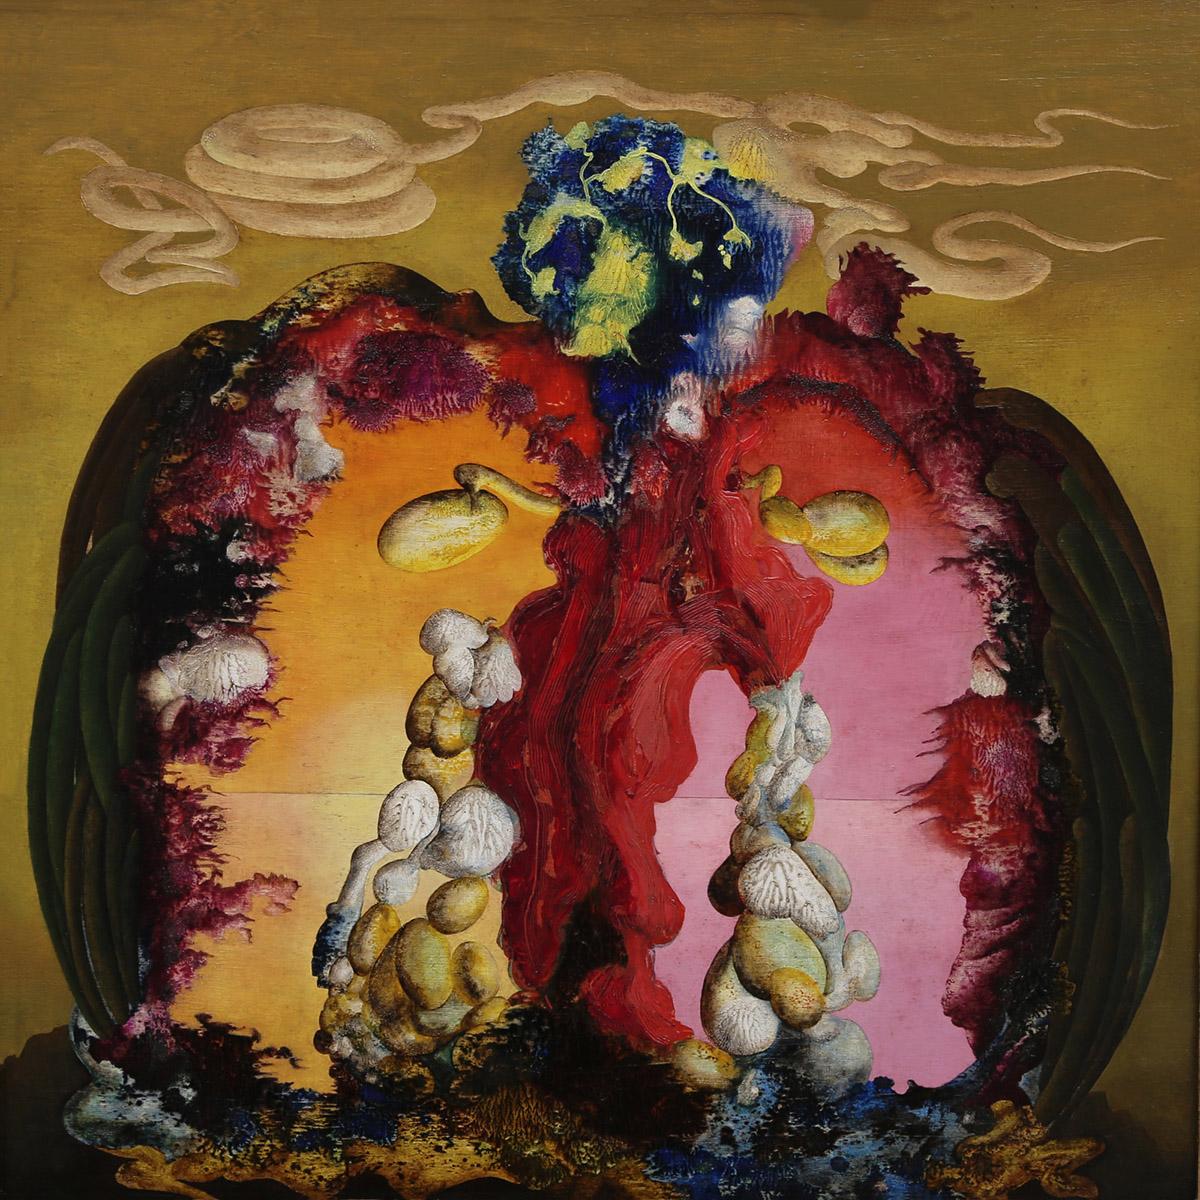 Ithell Colquhoun: Gorgon, Oil on Board (1946)